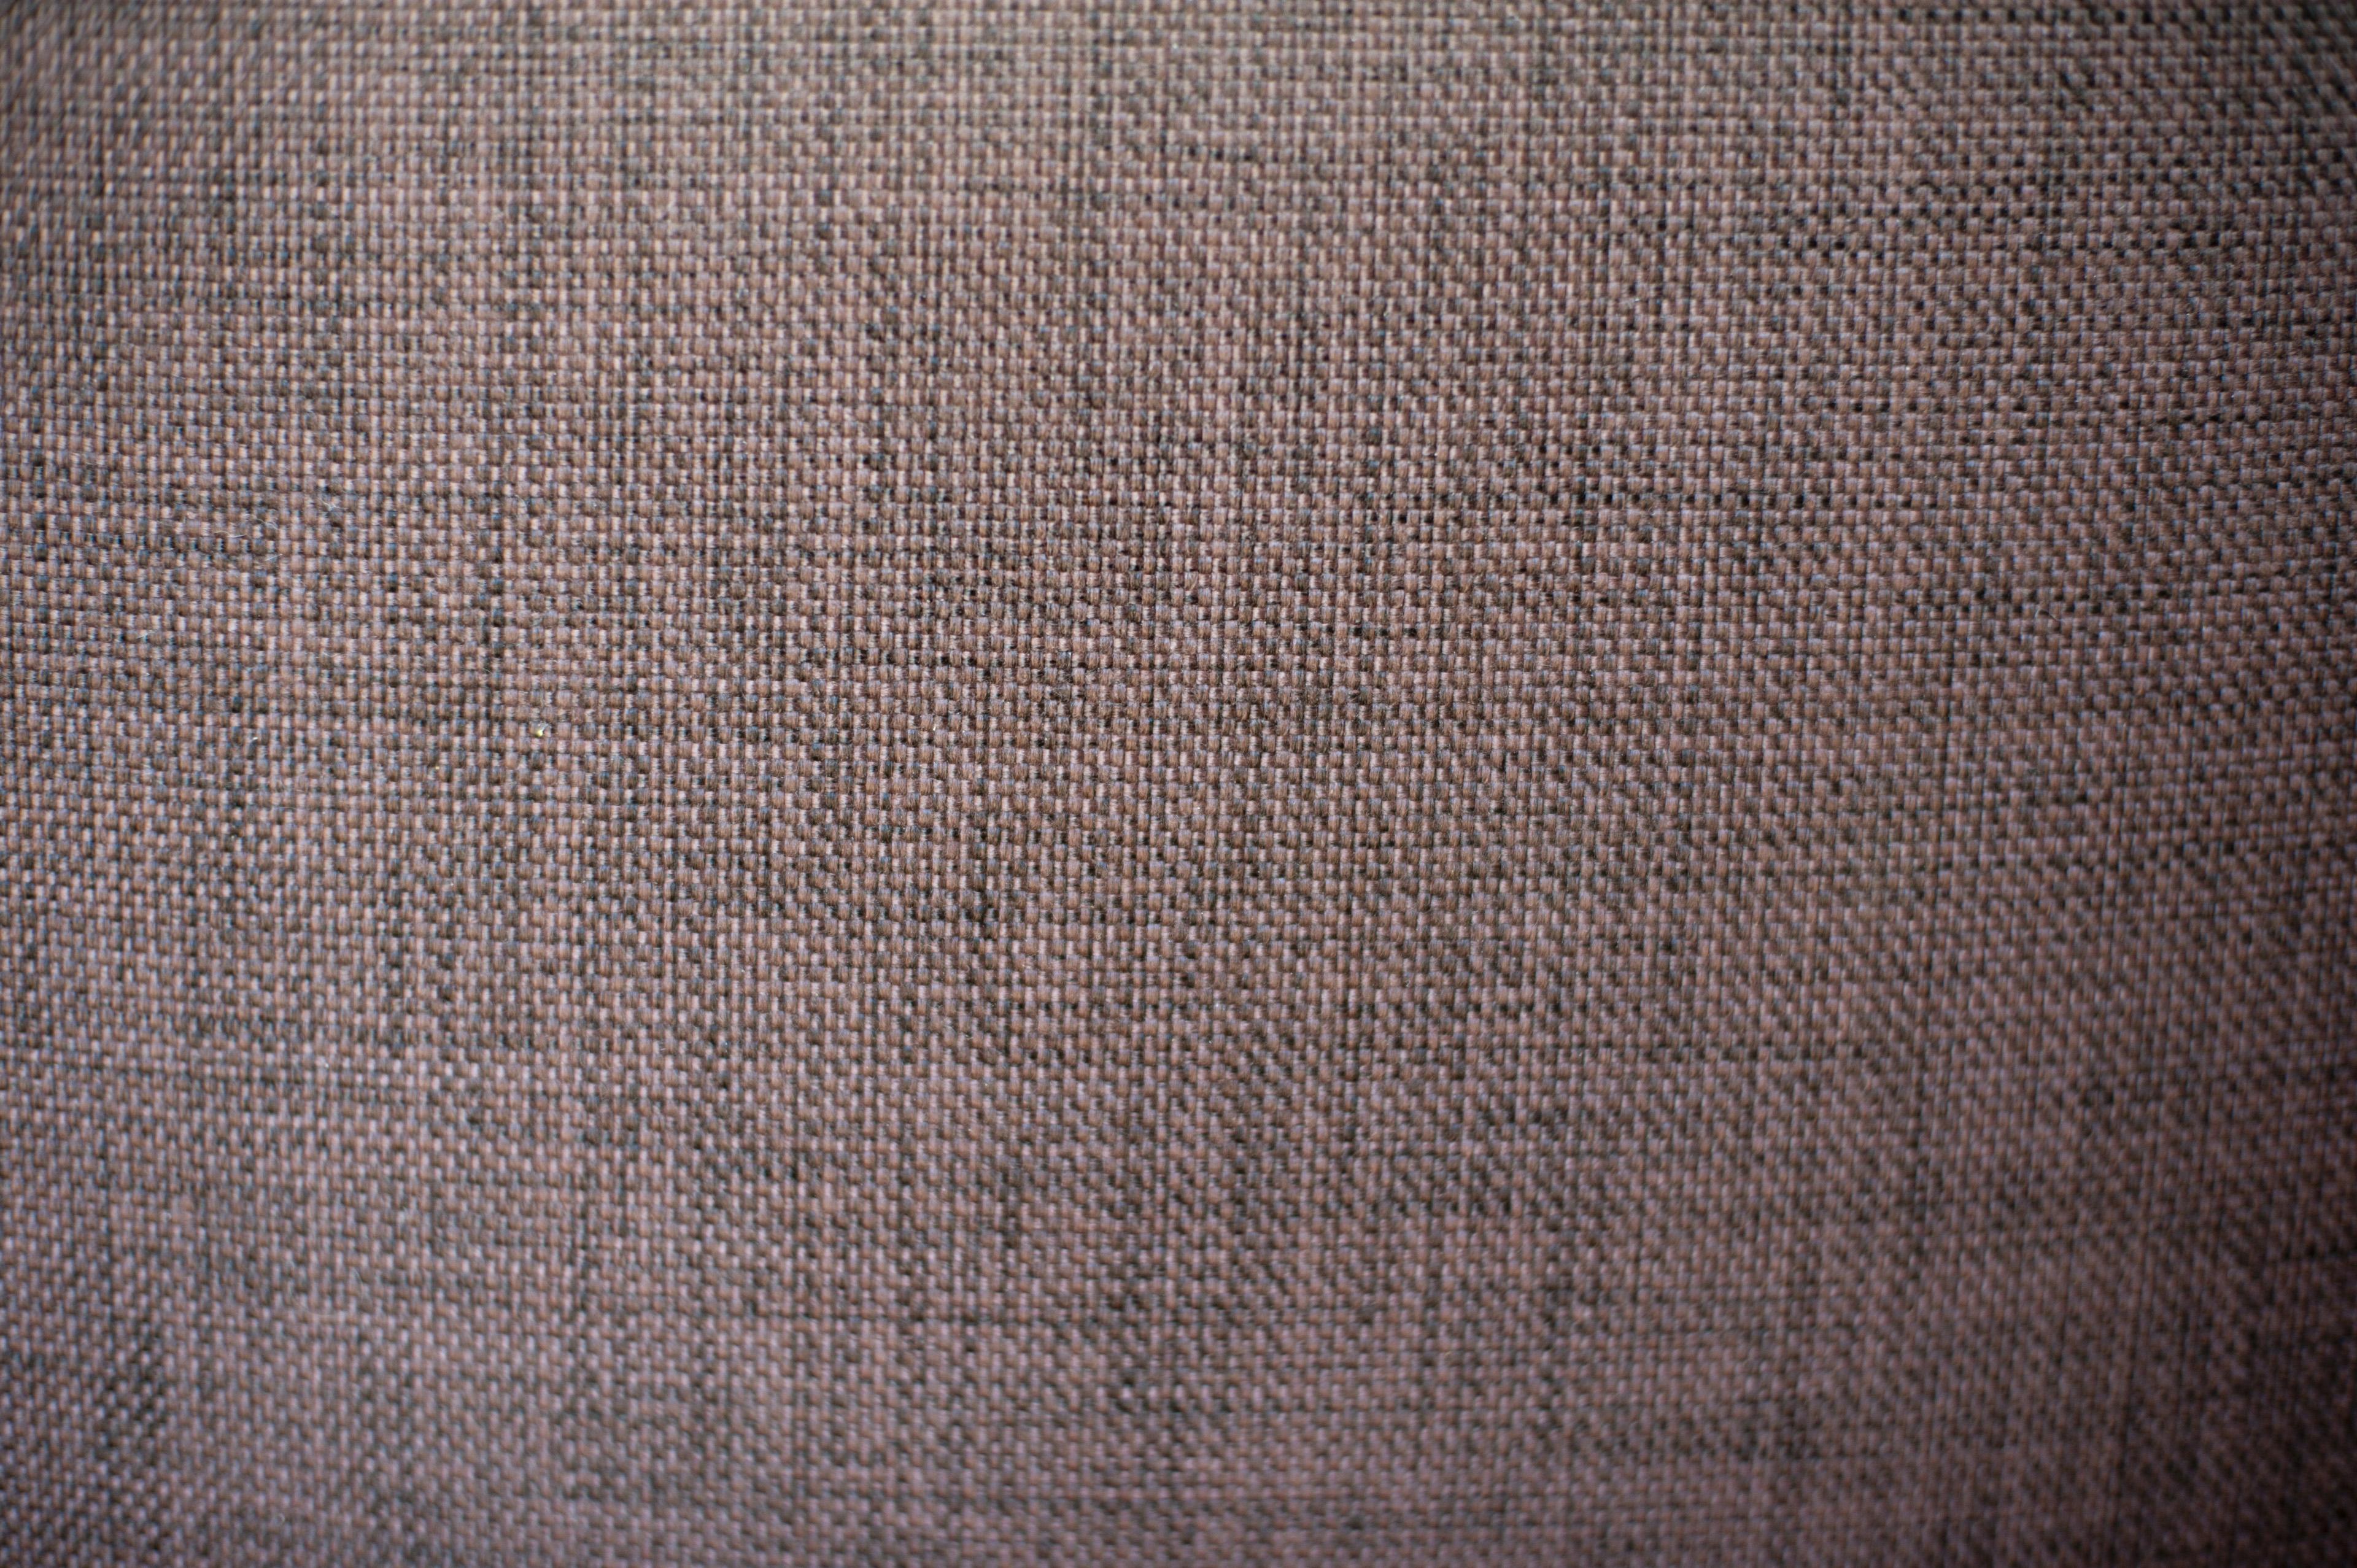 Image of textile background FreebiePhotography 3840x2555